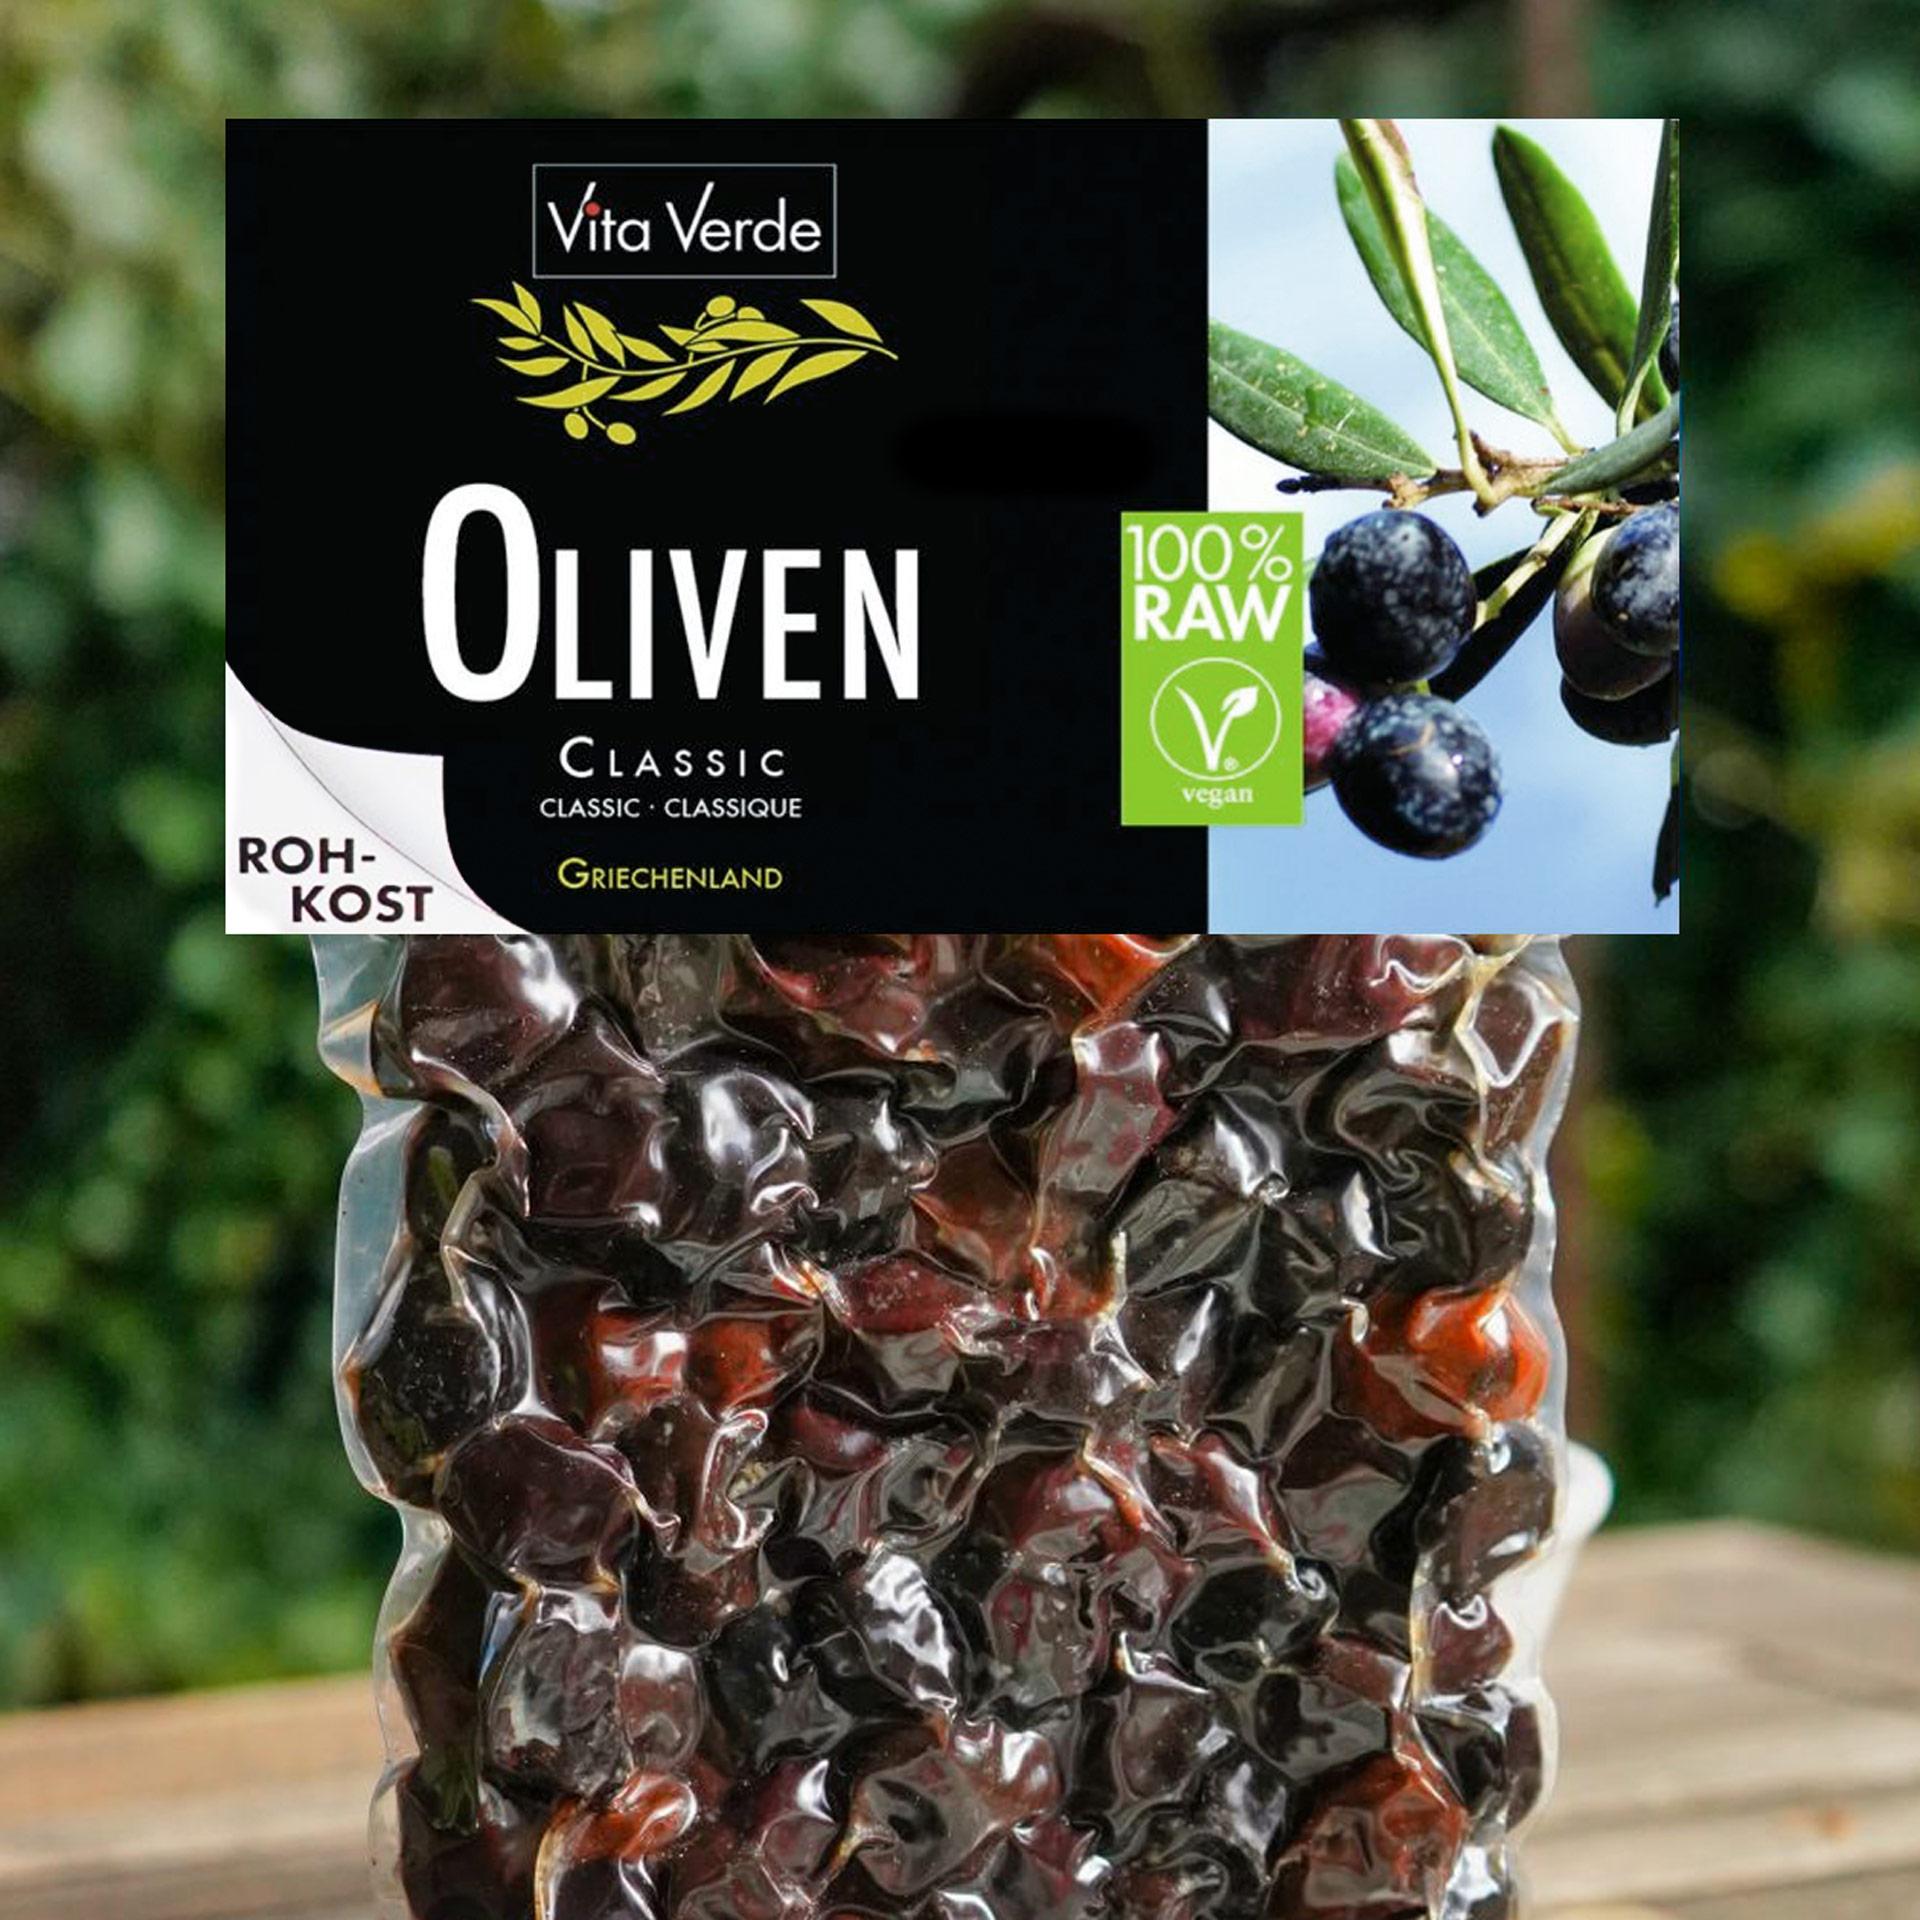 Vita Verde Oliven Thrumba schwarze Oliven mit Stein